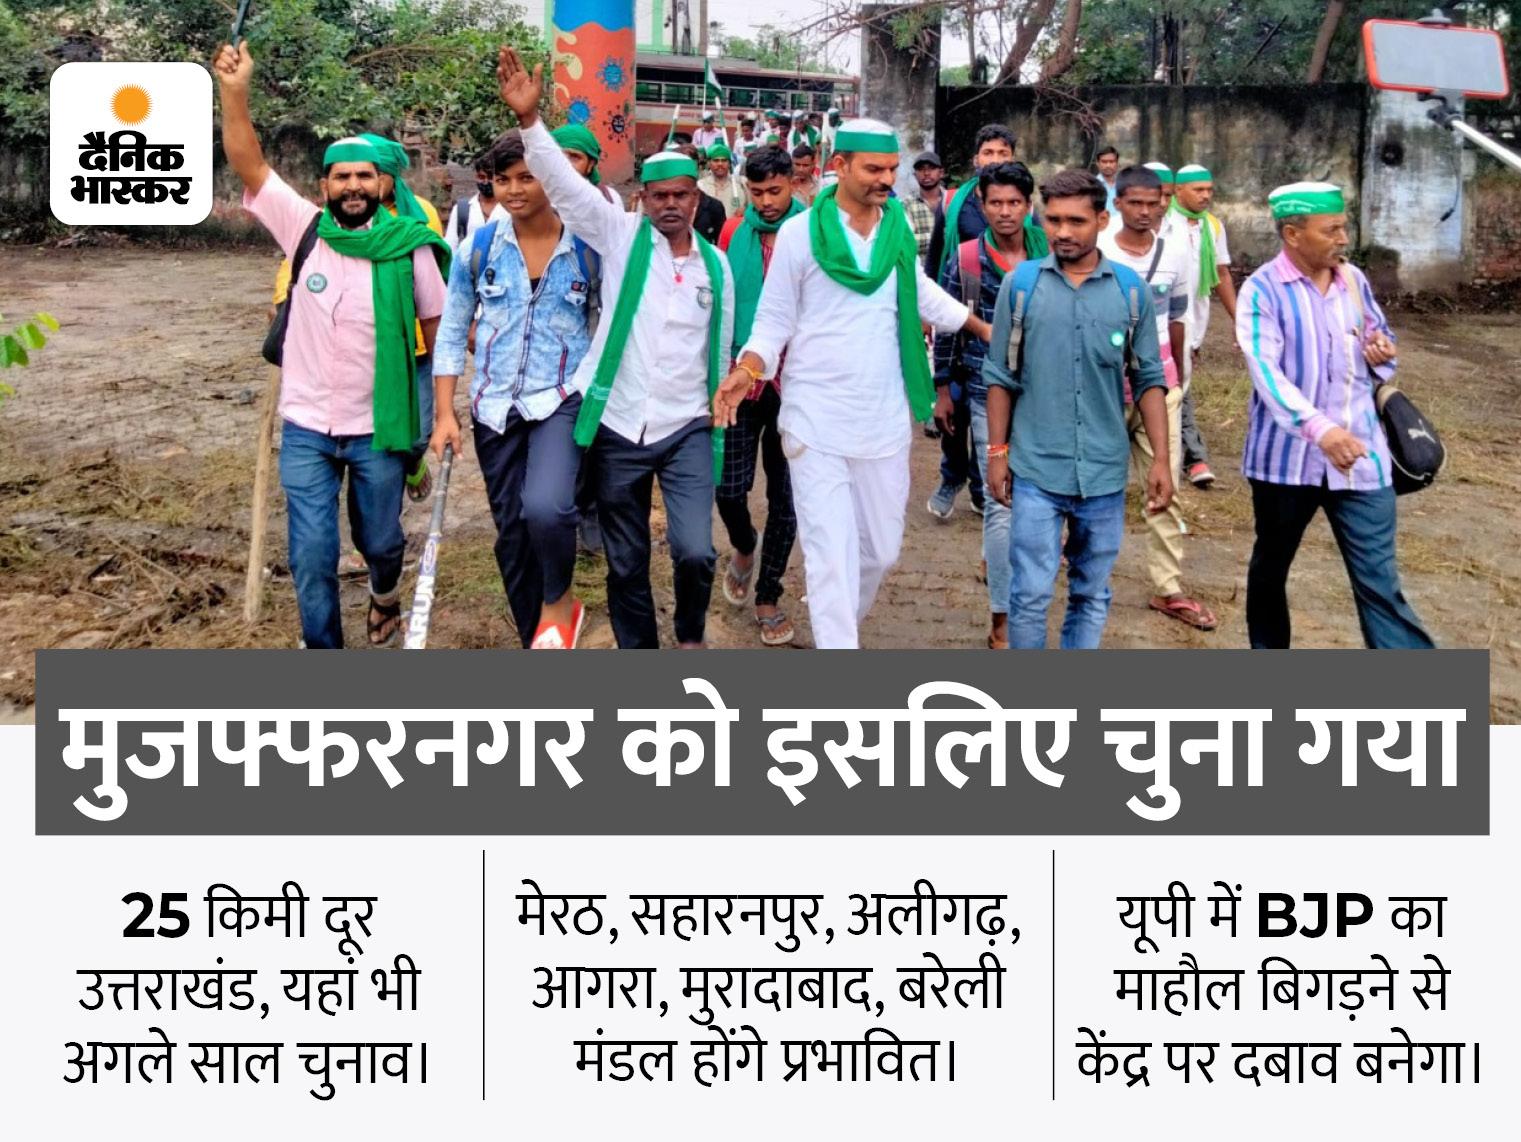 जाटलैंड किसानों का गढ़ है, सबसे ज्यादा खाप पंचायतें यहीं, छह माह बाद यूपी और उत्तराखंड में विधानसभा चुनाव मुजफ्फरनगर,Muzaffarnagar - Dainik Bhaskar